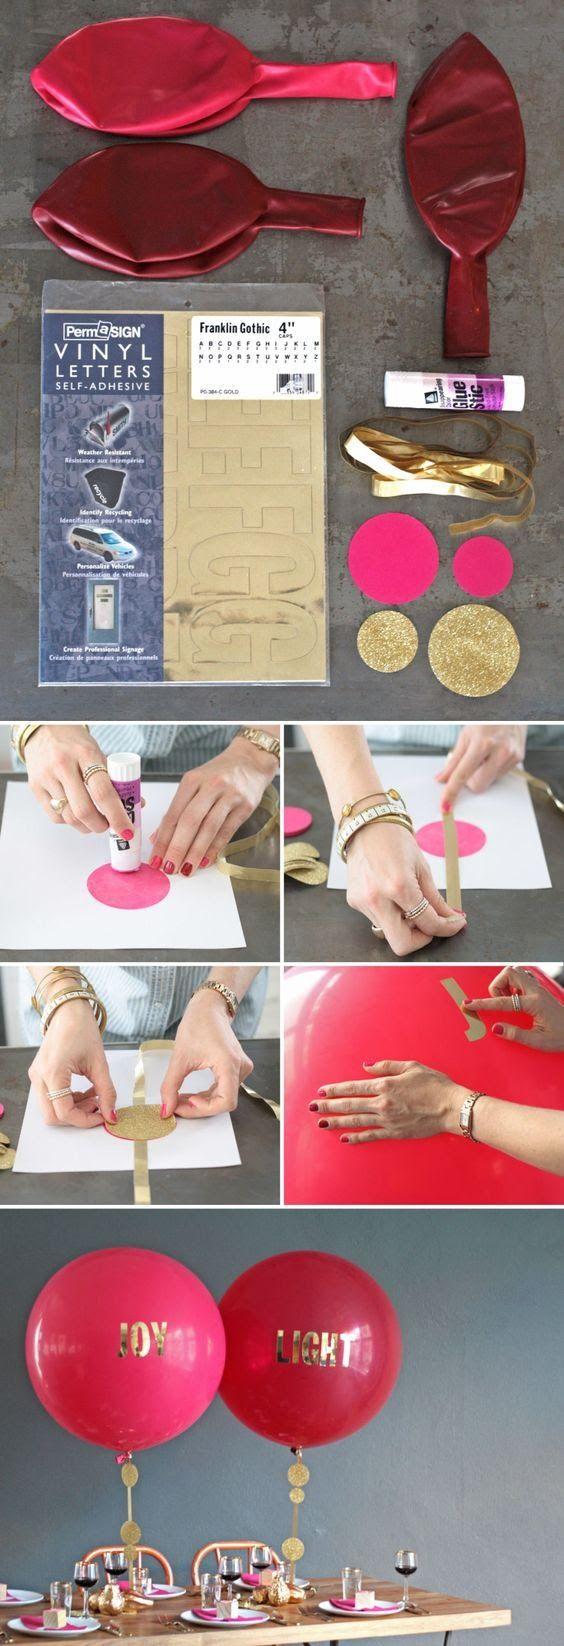 20 idee da copiare per decorare le feste con i palloncini